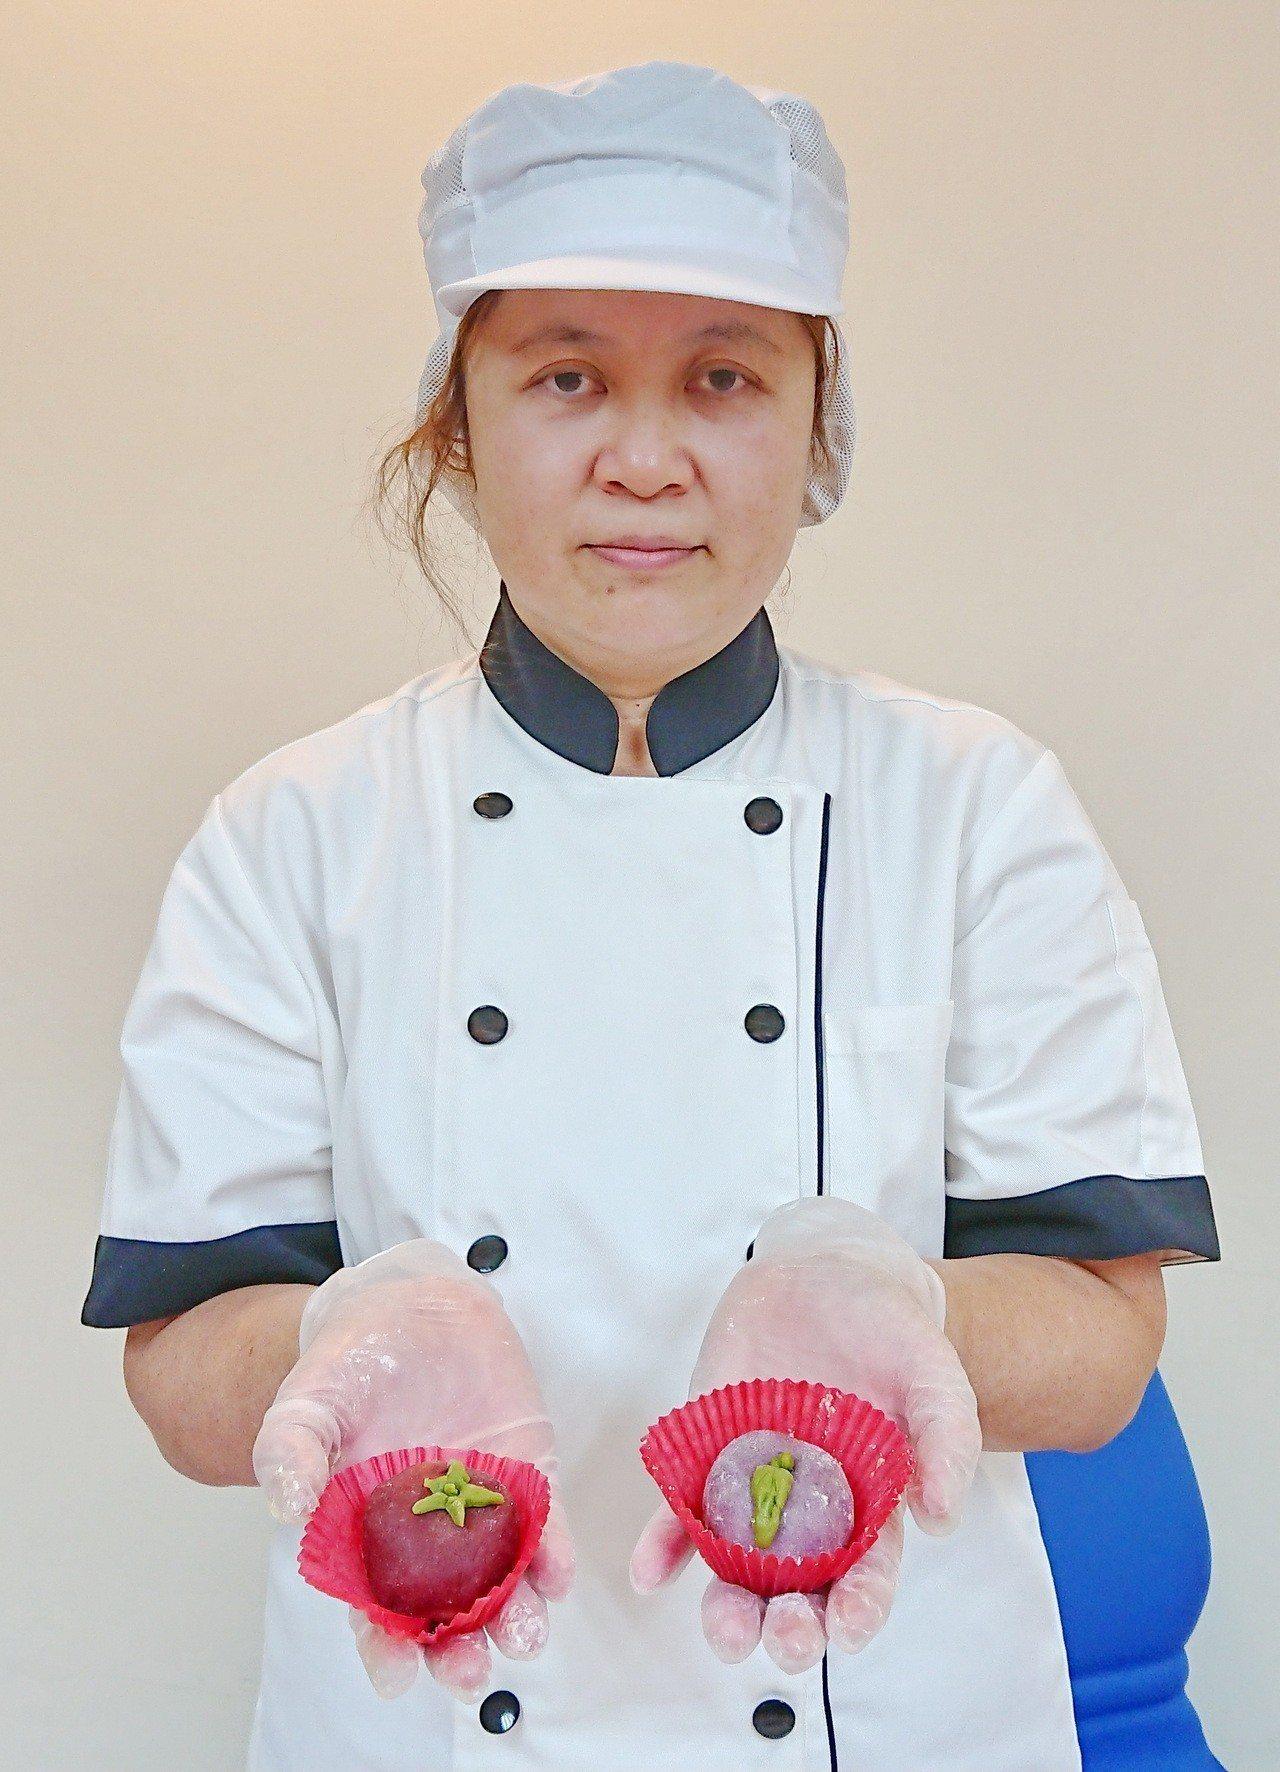 台大醫院雲林分院推出紫薯開心餅,教你中秋節如何吃得開心又健康。記者蔡維斌/攝影